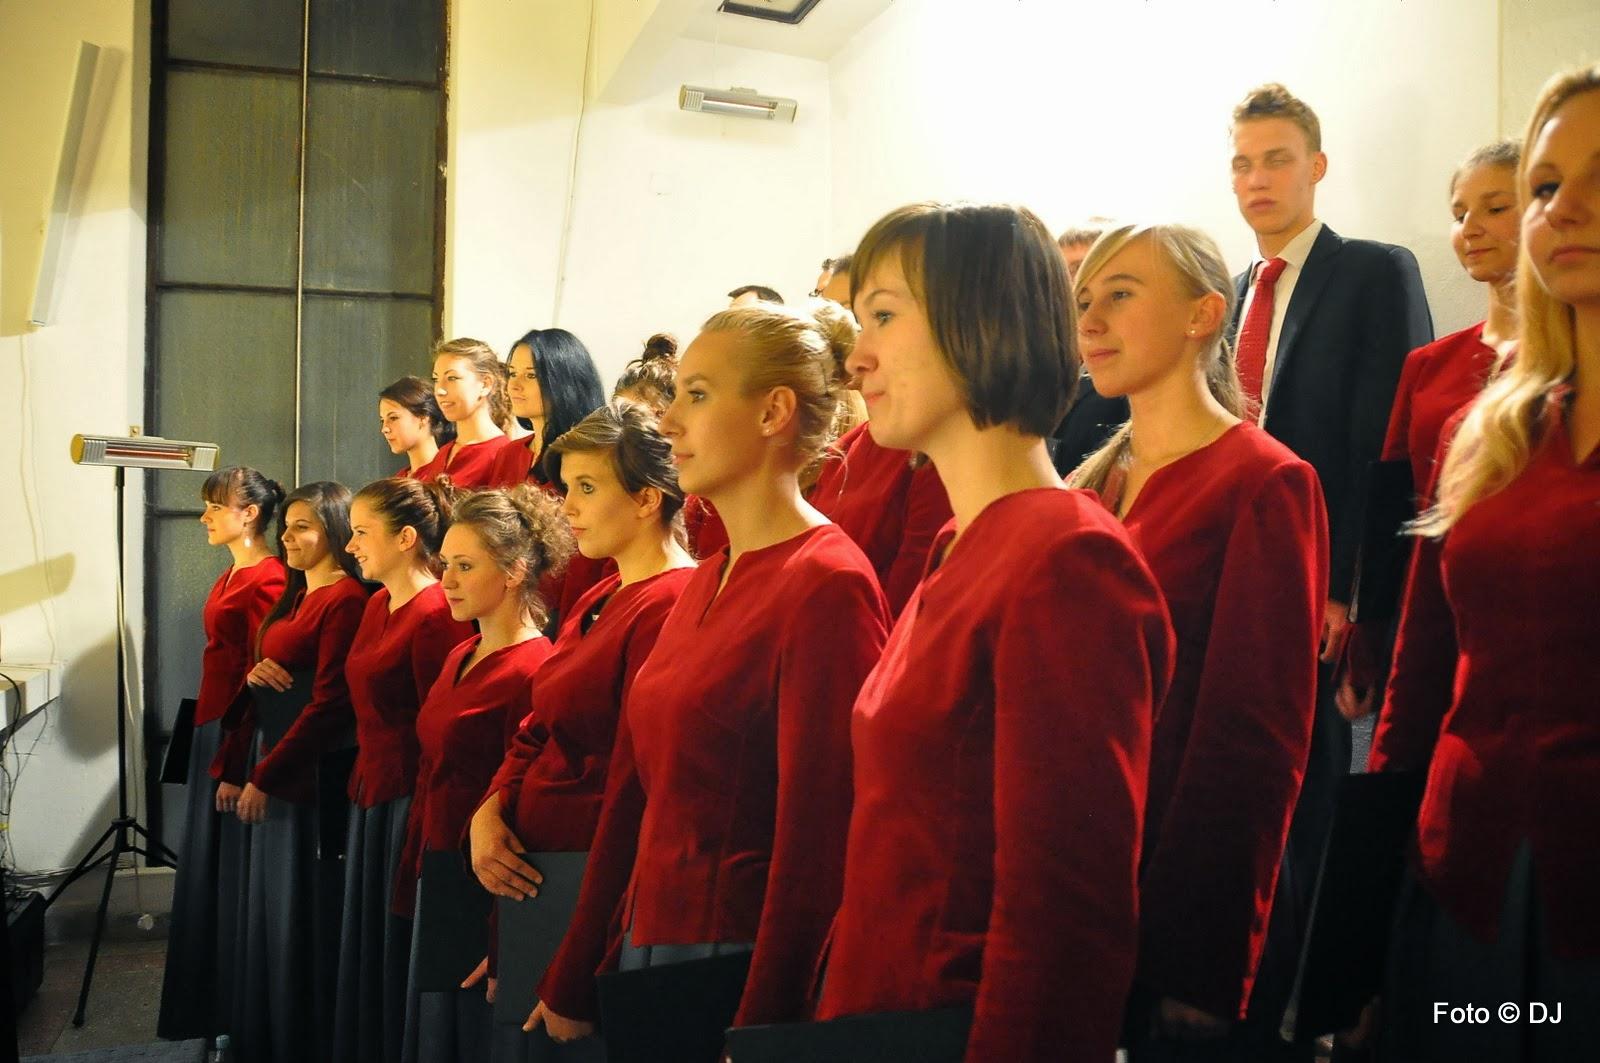 Chór Sensorium - Finał XVII Festiwalu Organowego - Czuby - Par. Św. Rodziny w Lublinie - 25.09.2013